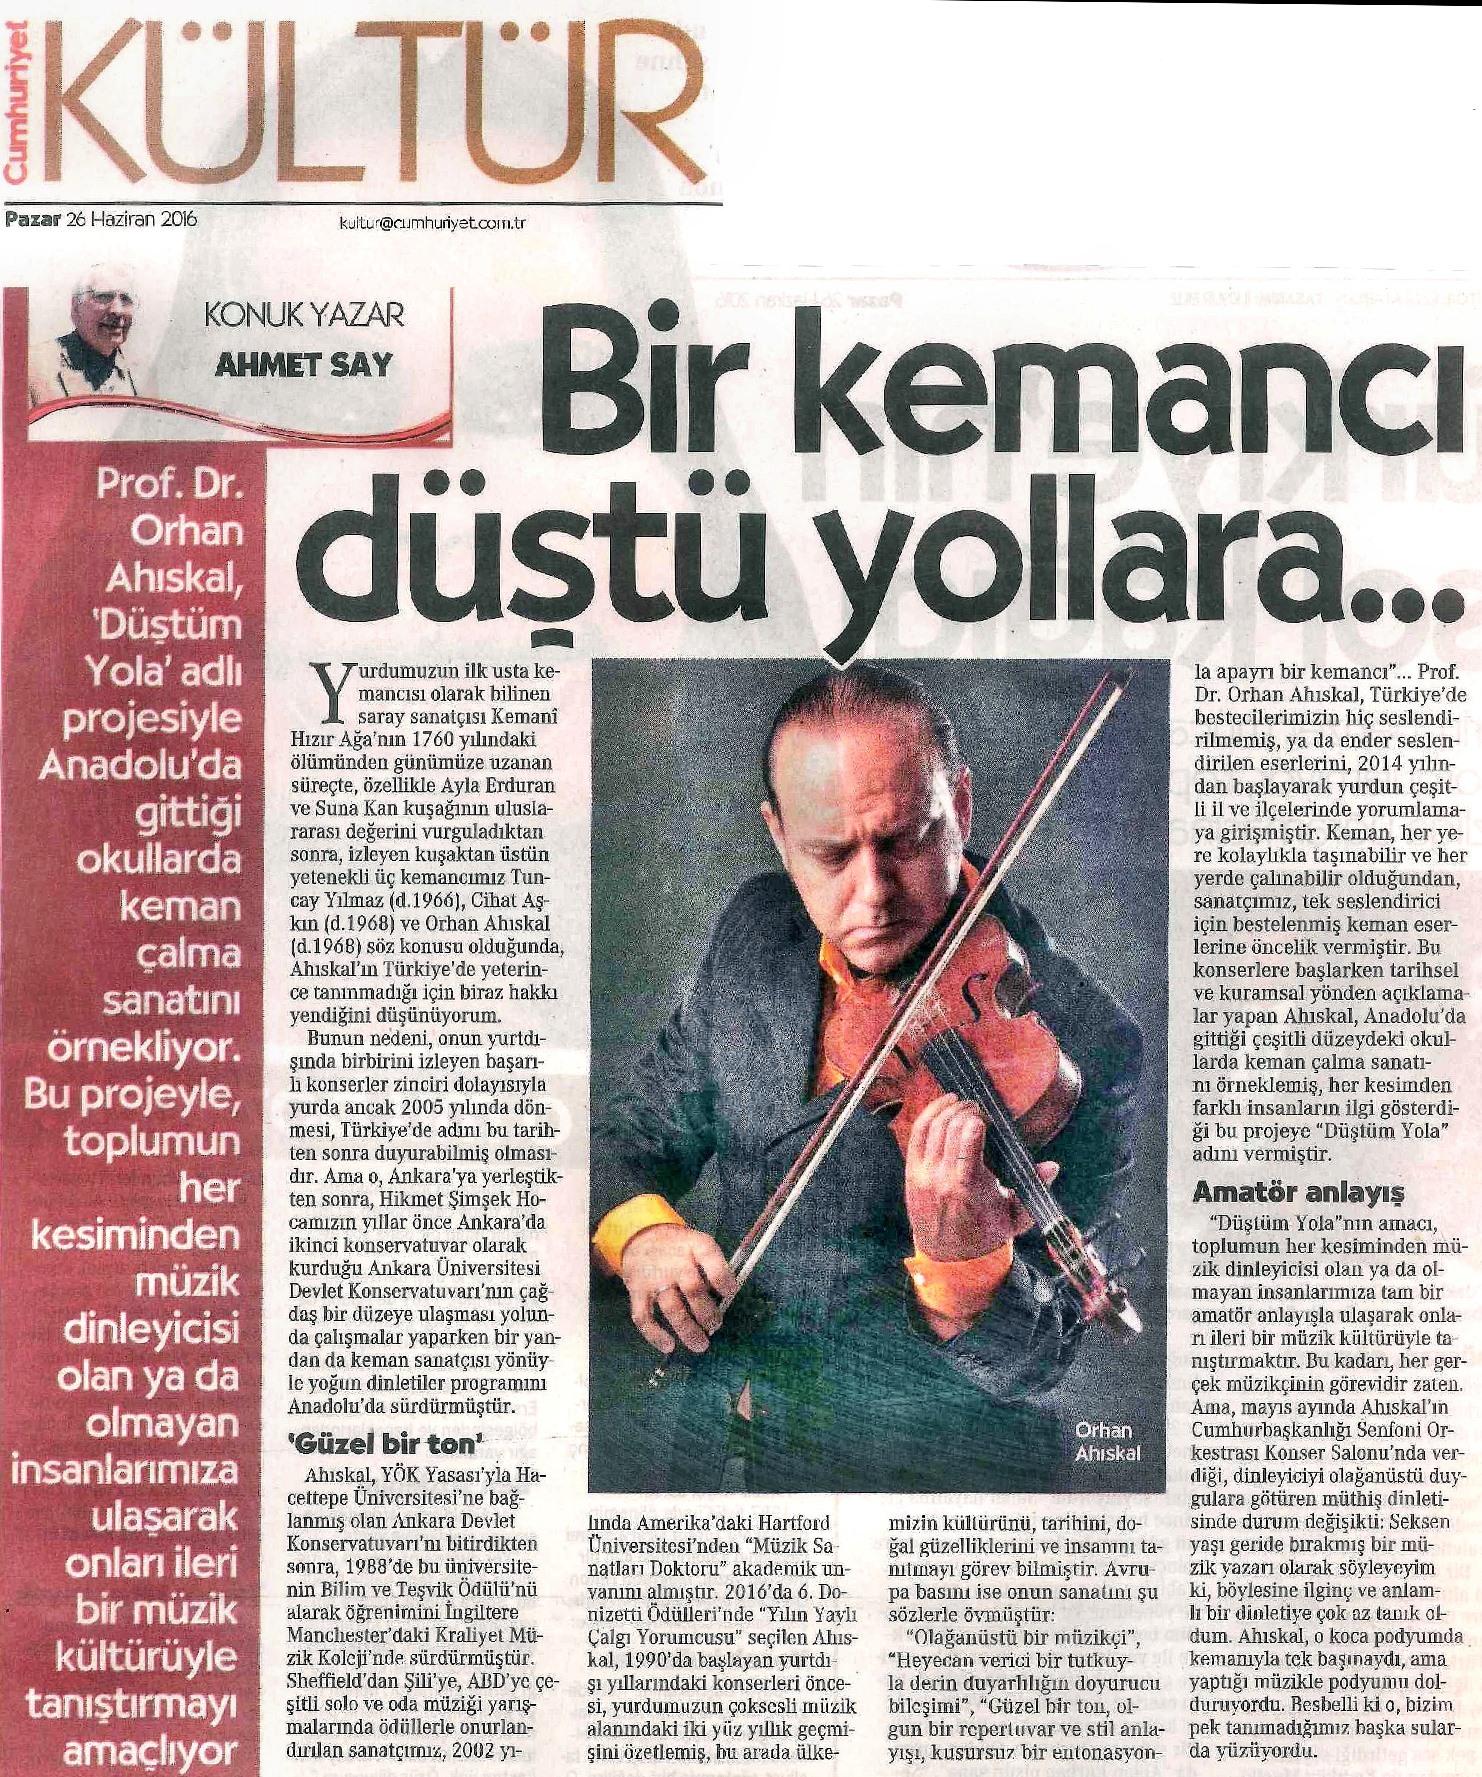 2016.06.26 Cumhuriyet (Ahmet Say)